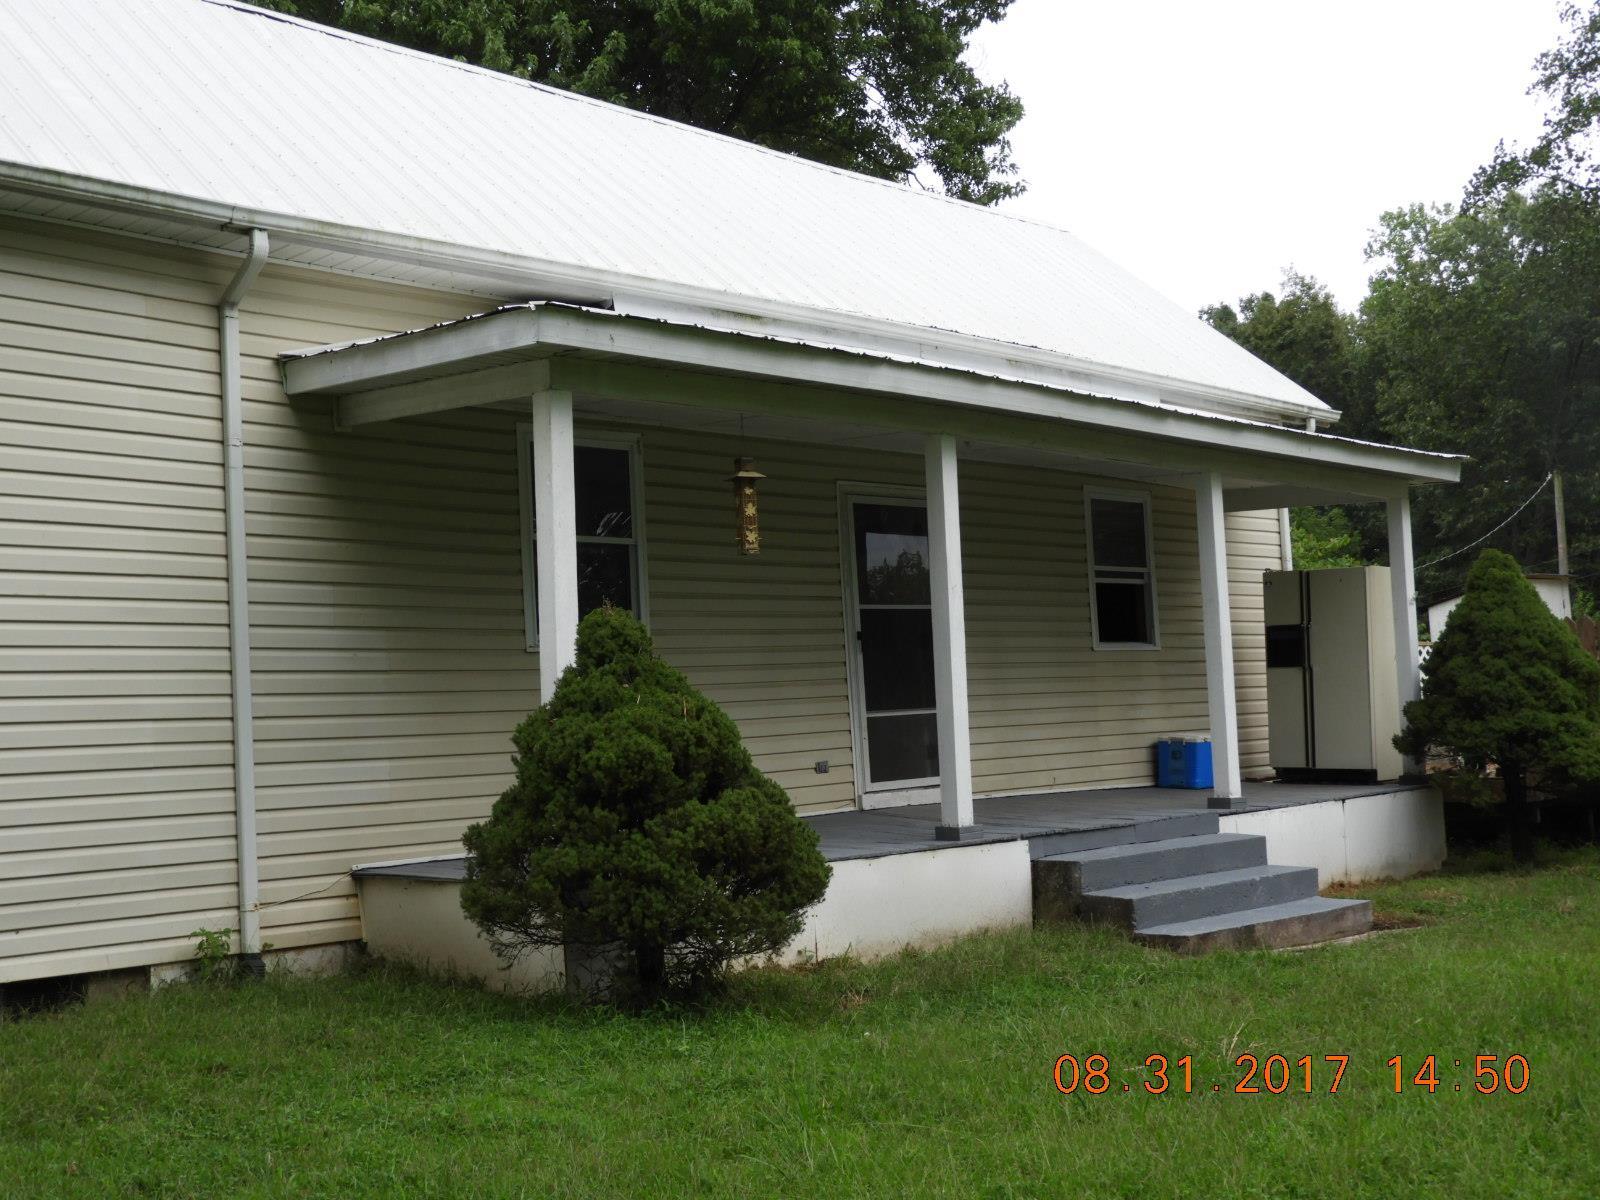 161 Woodlawn Rd, Pulaski, TN 38478 - Pulaski, TN real estate listing